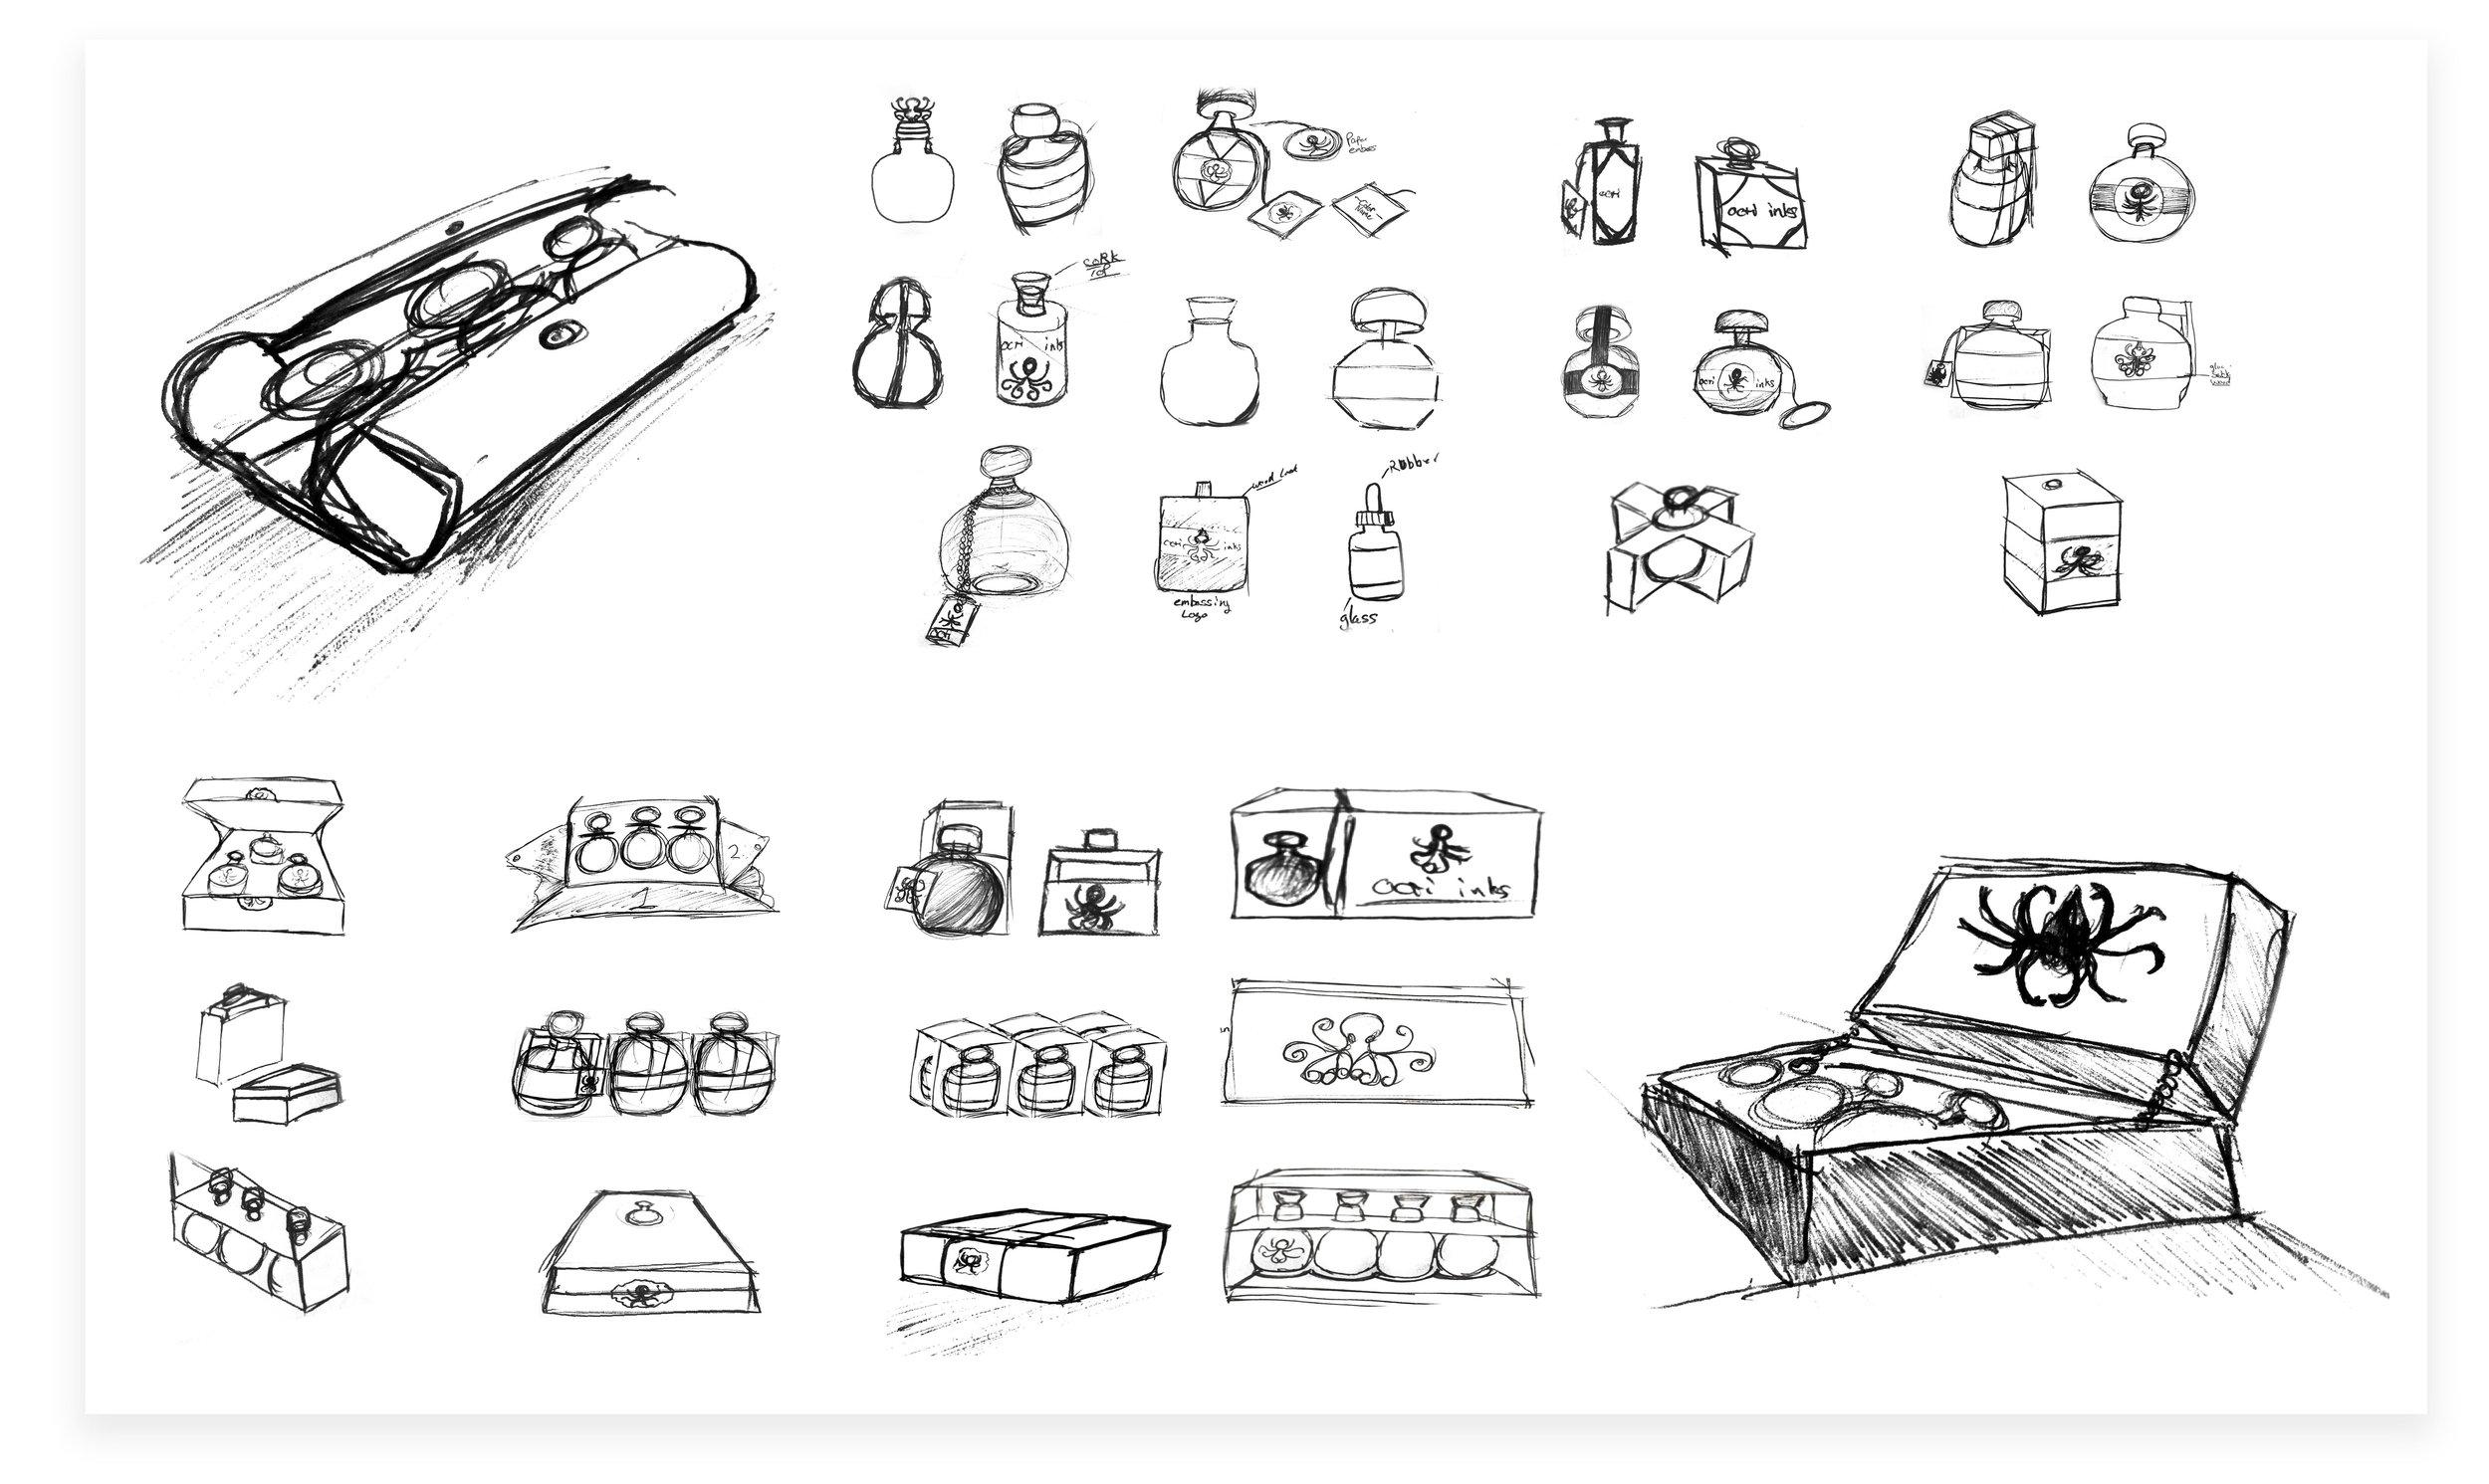 octi inks sketch mockup.jpg